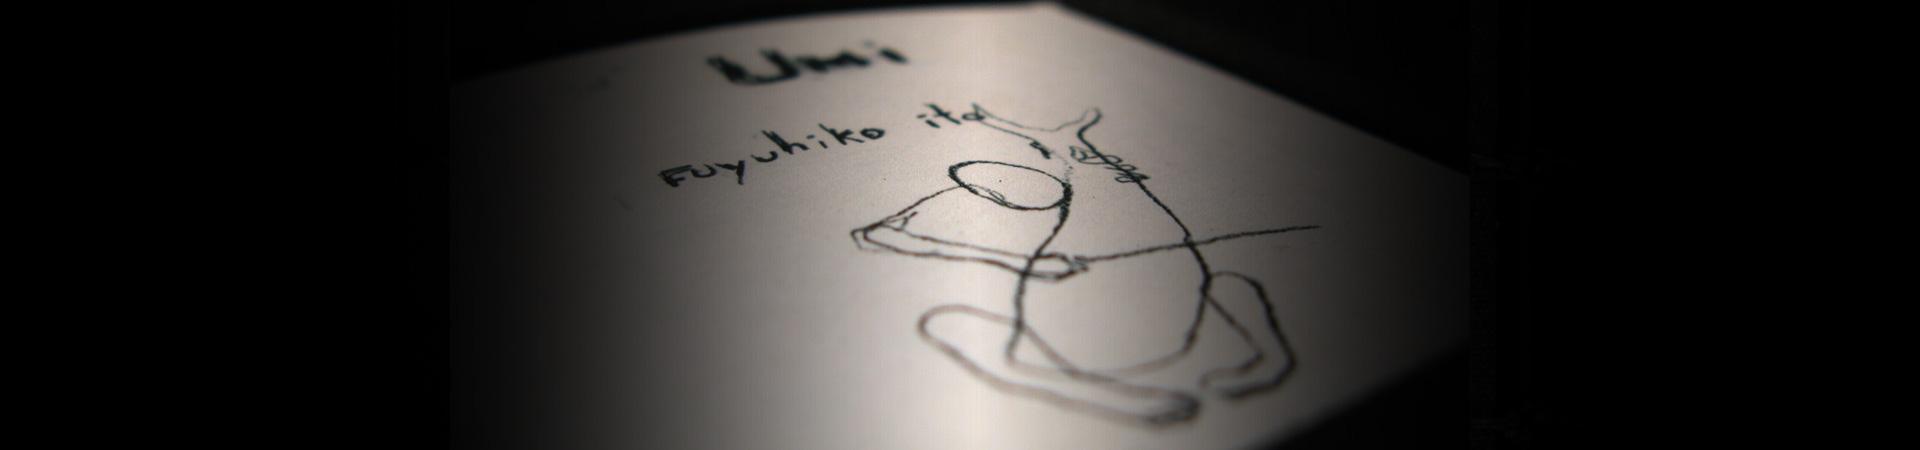 wp-sketch